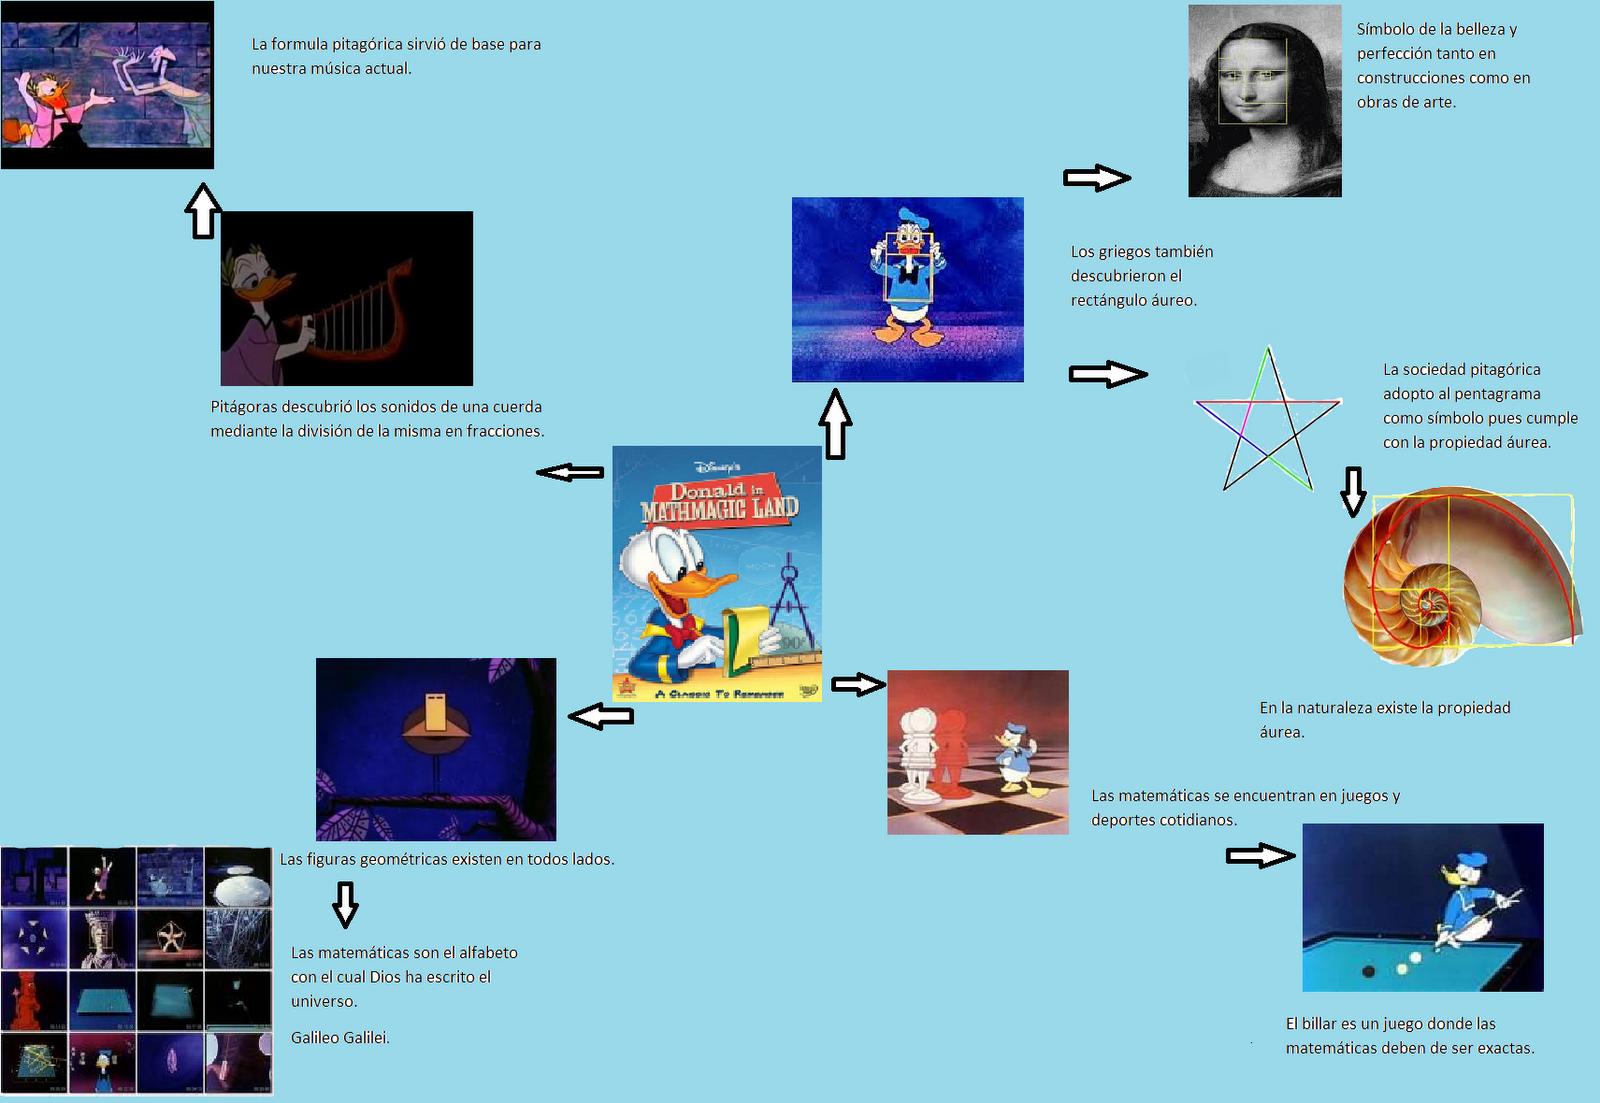 el billar y las matematicas: